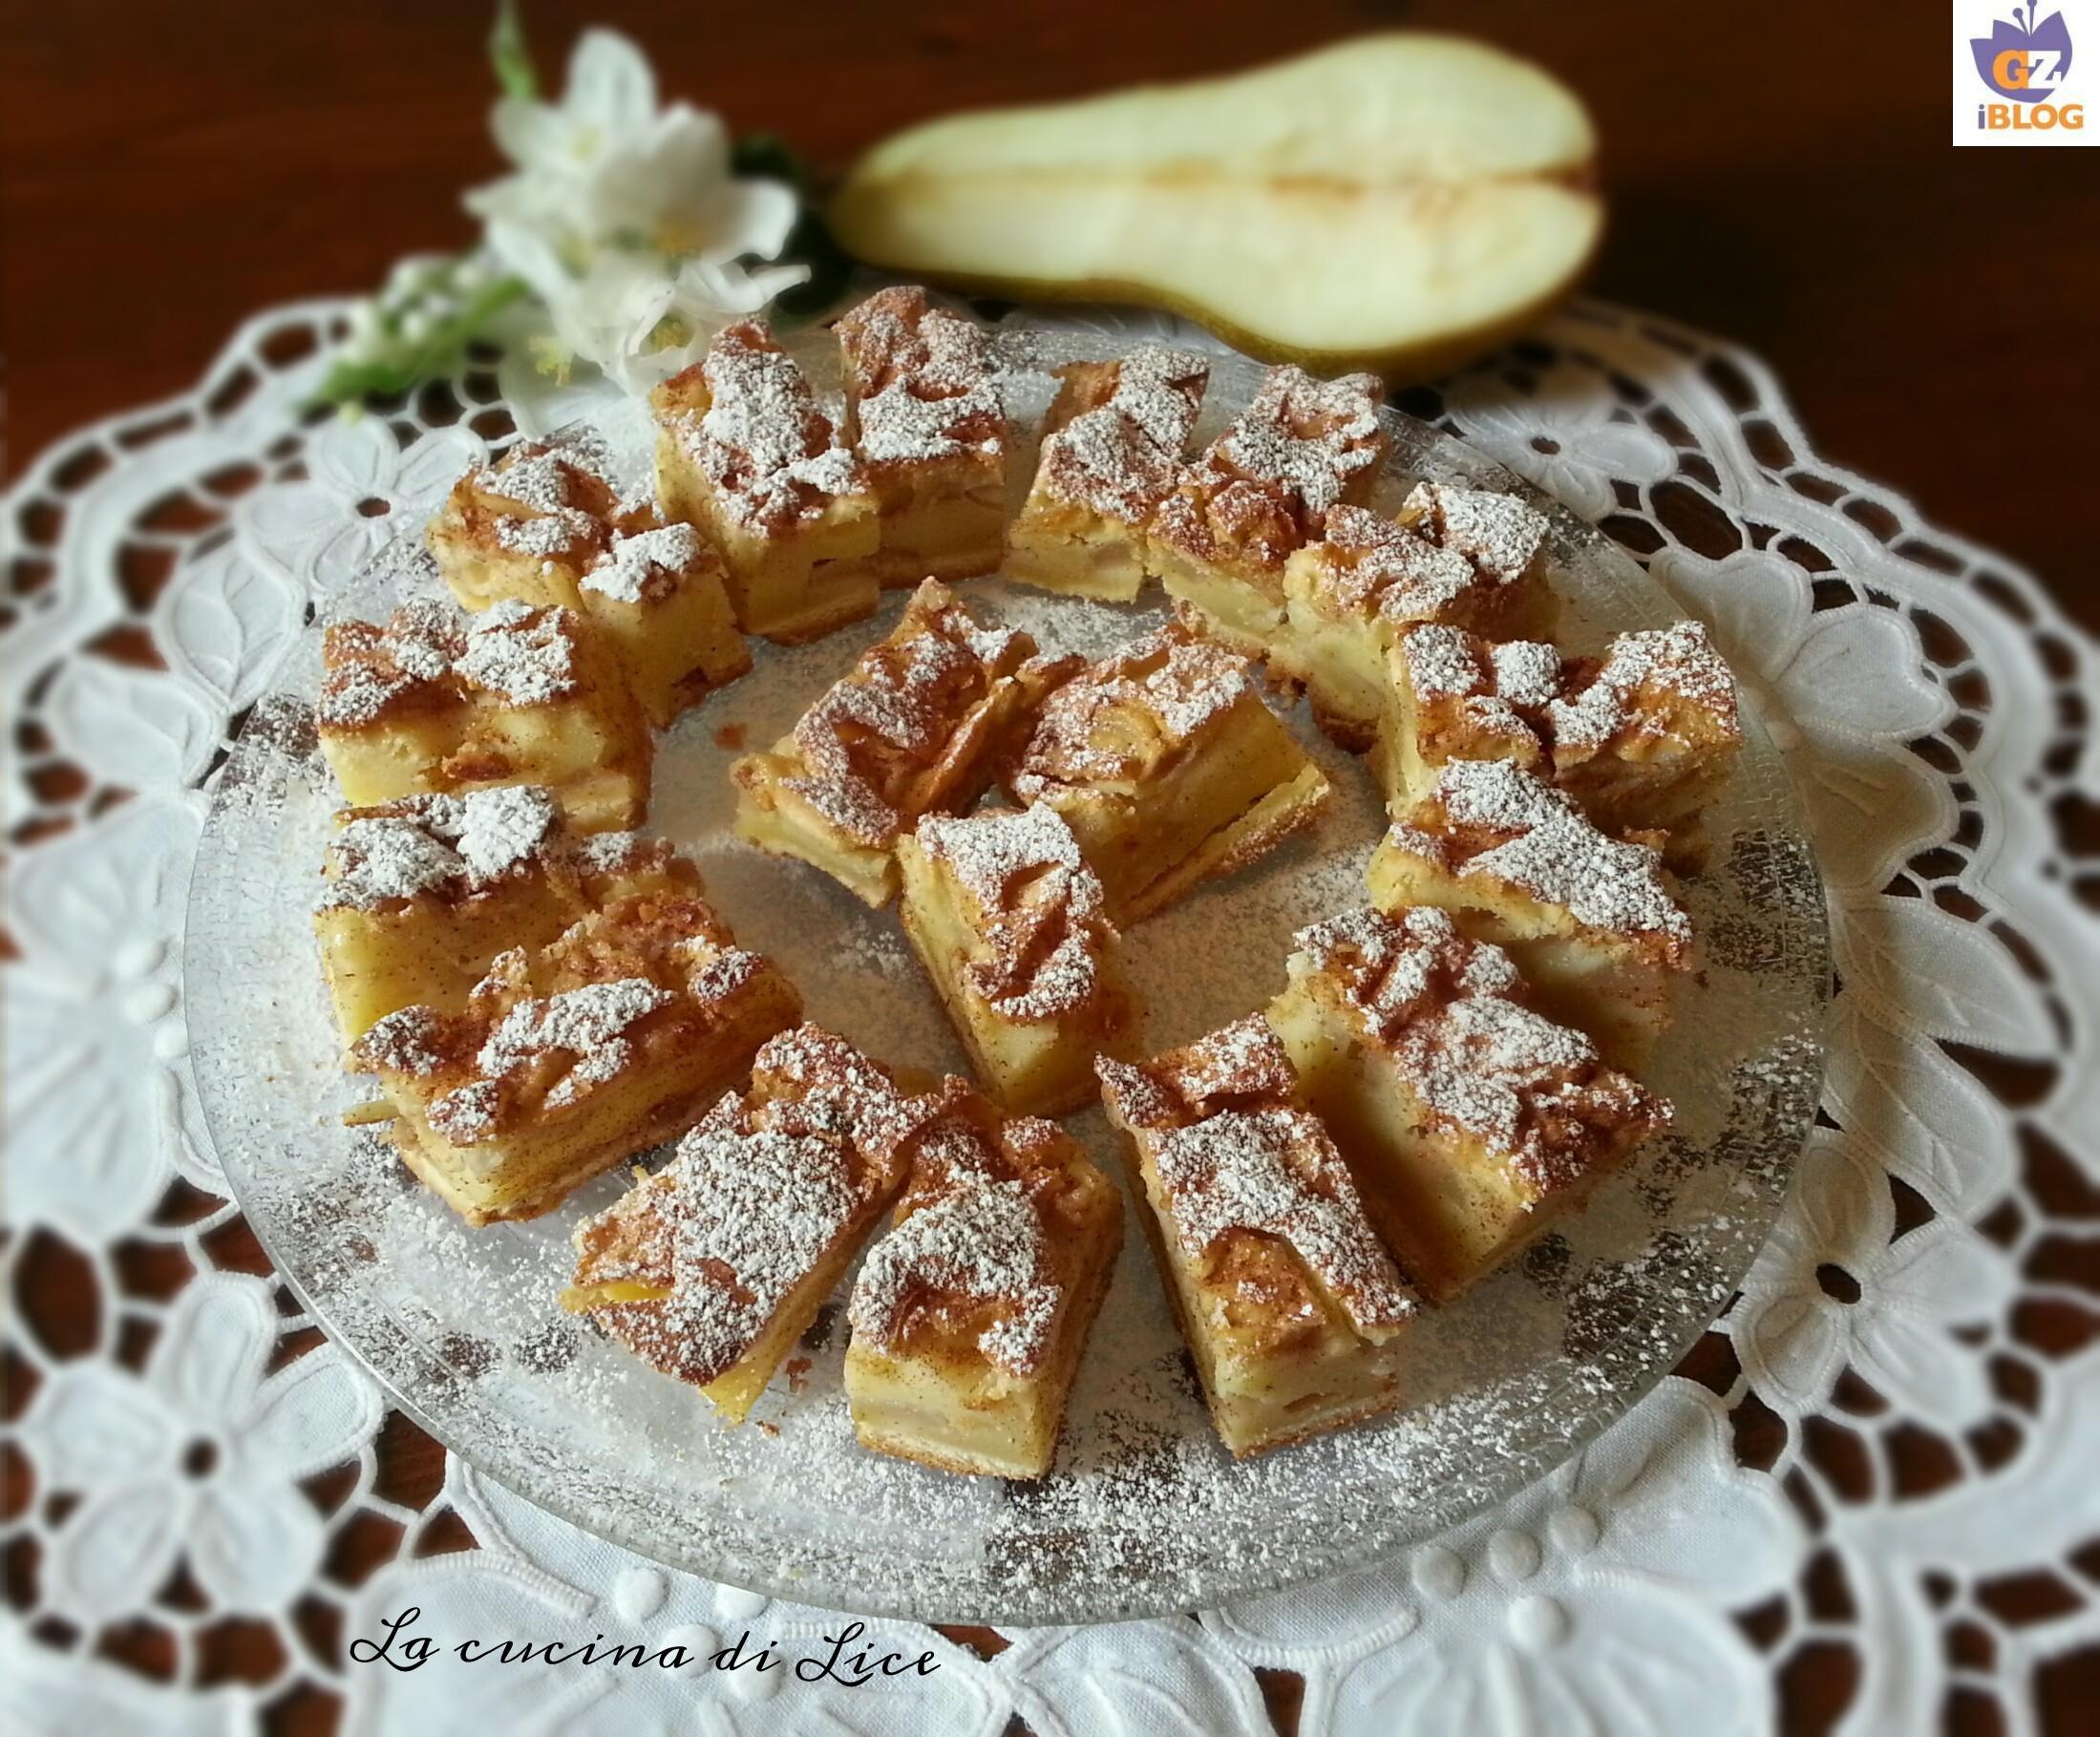 Tocchetti di torta con pere mandorle e cannella